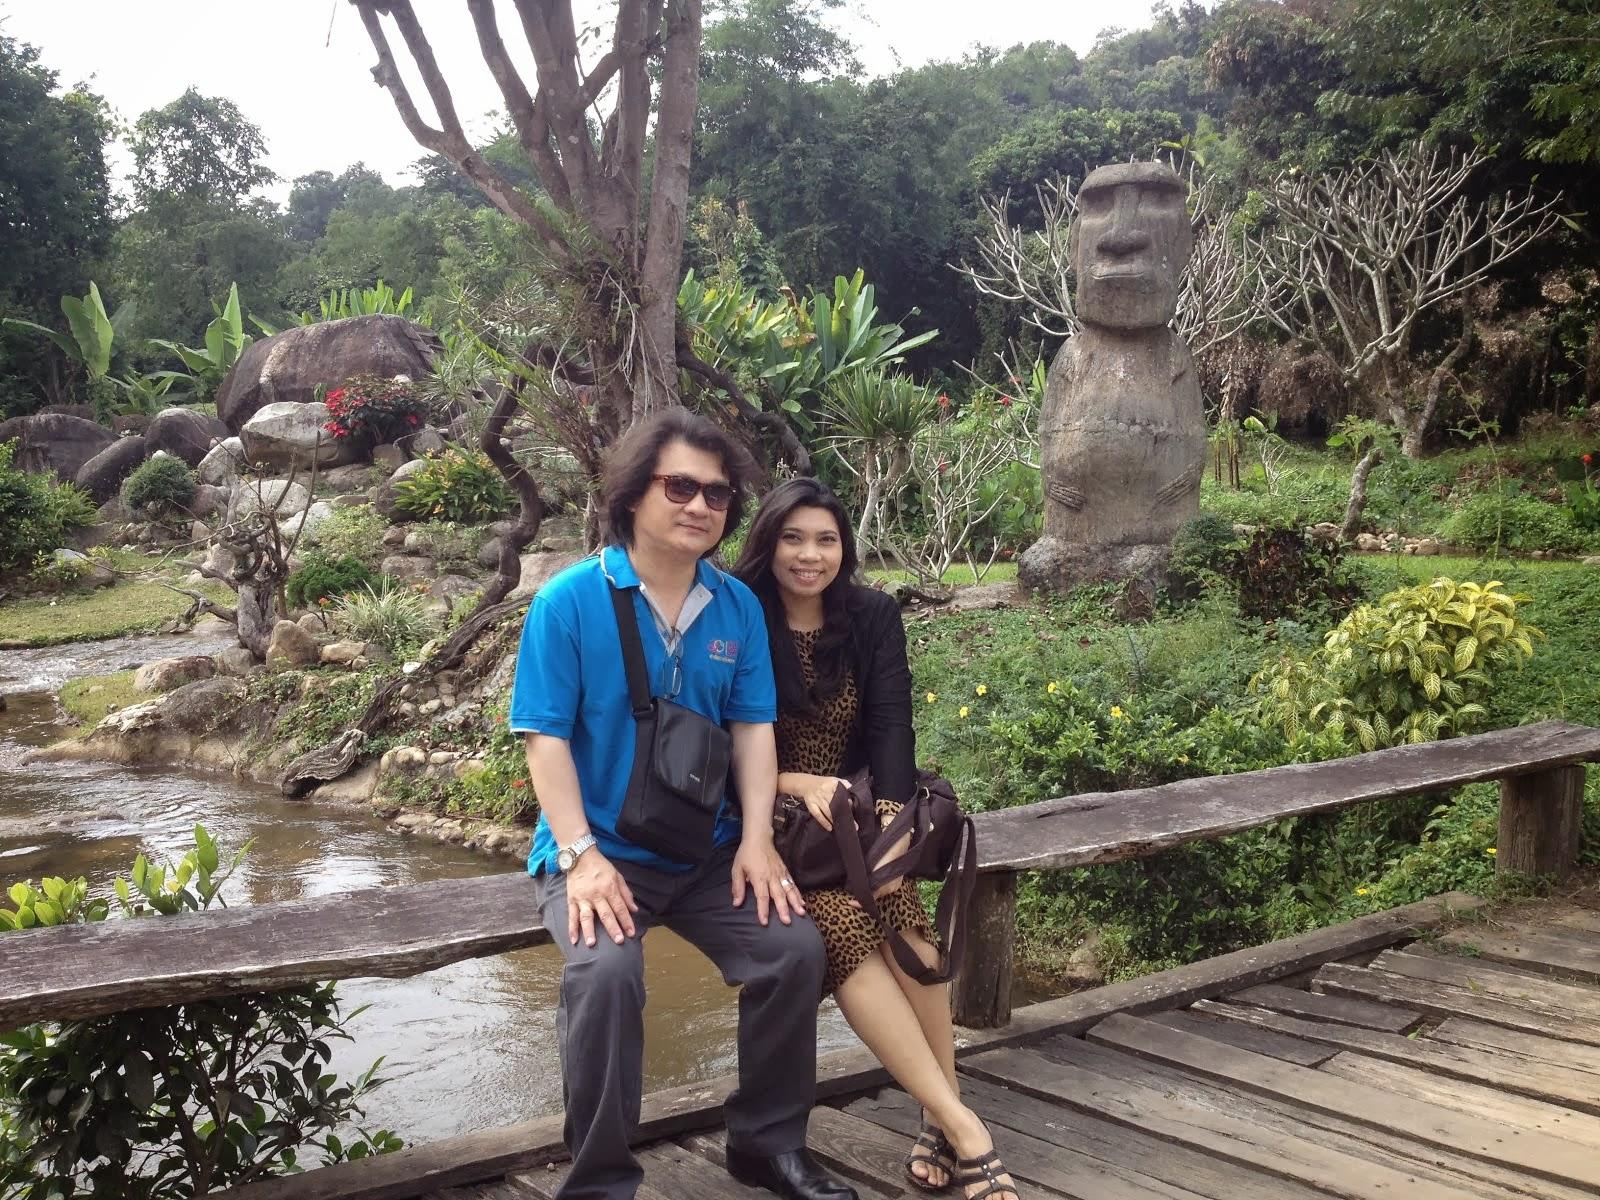 Chiangmai, Thailand